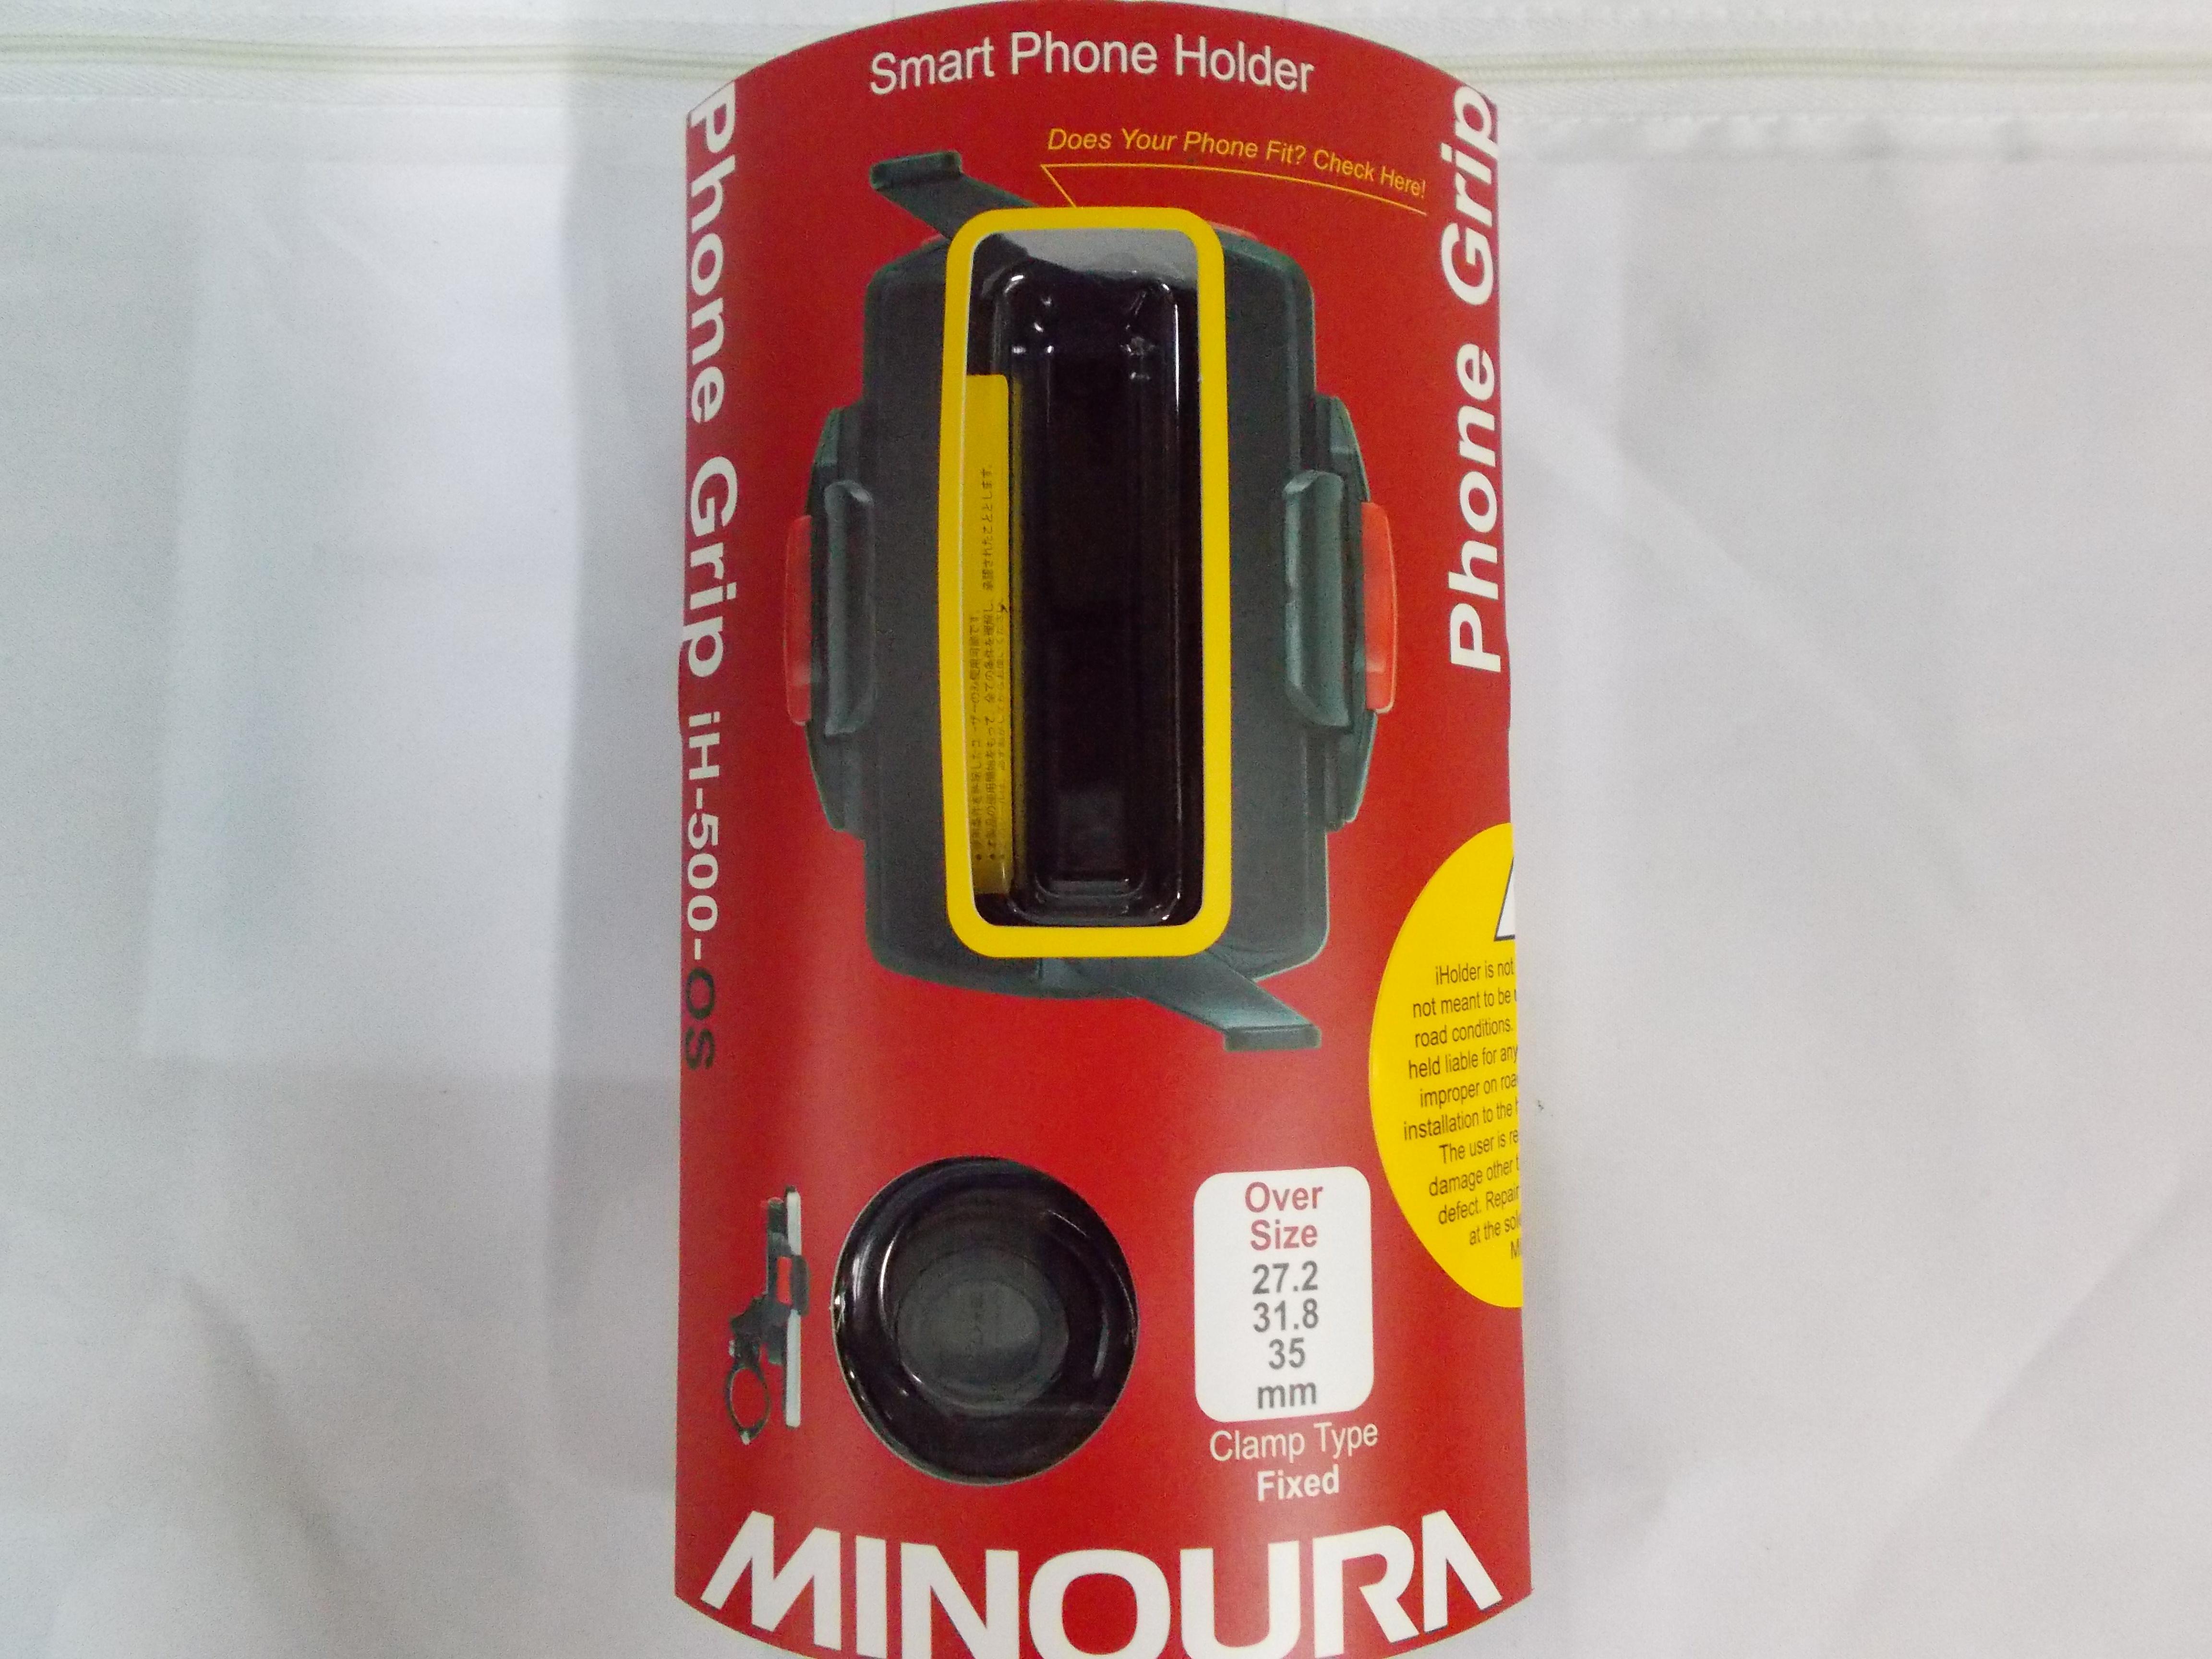 ตัวยึดจับสมาร์ทโฟน MINOURA JAPAN model: iH-500-OS